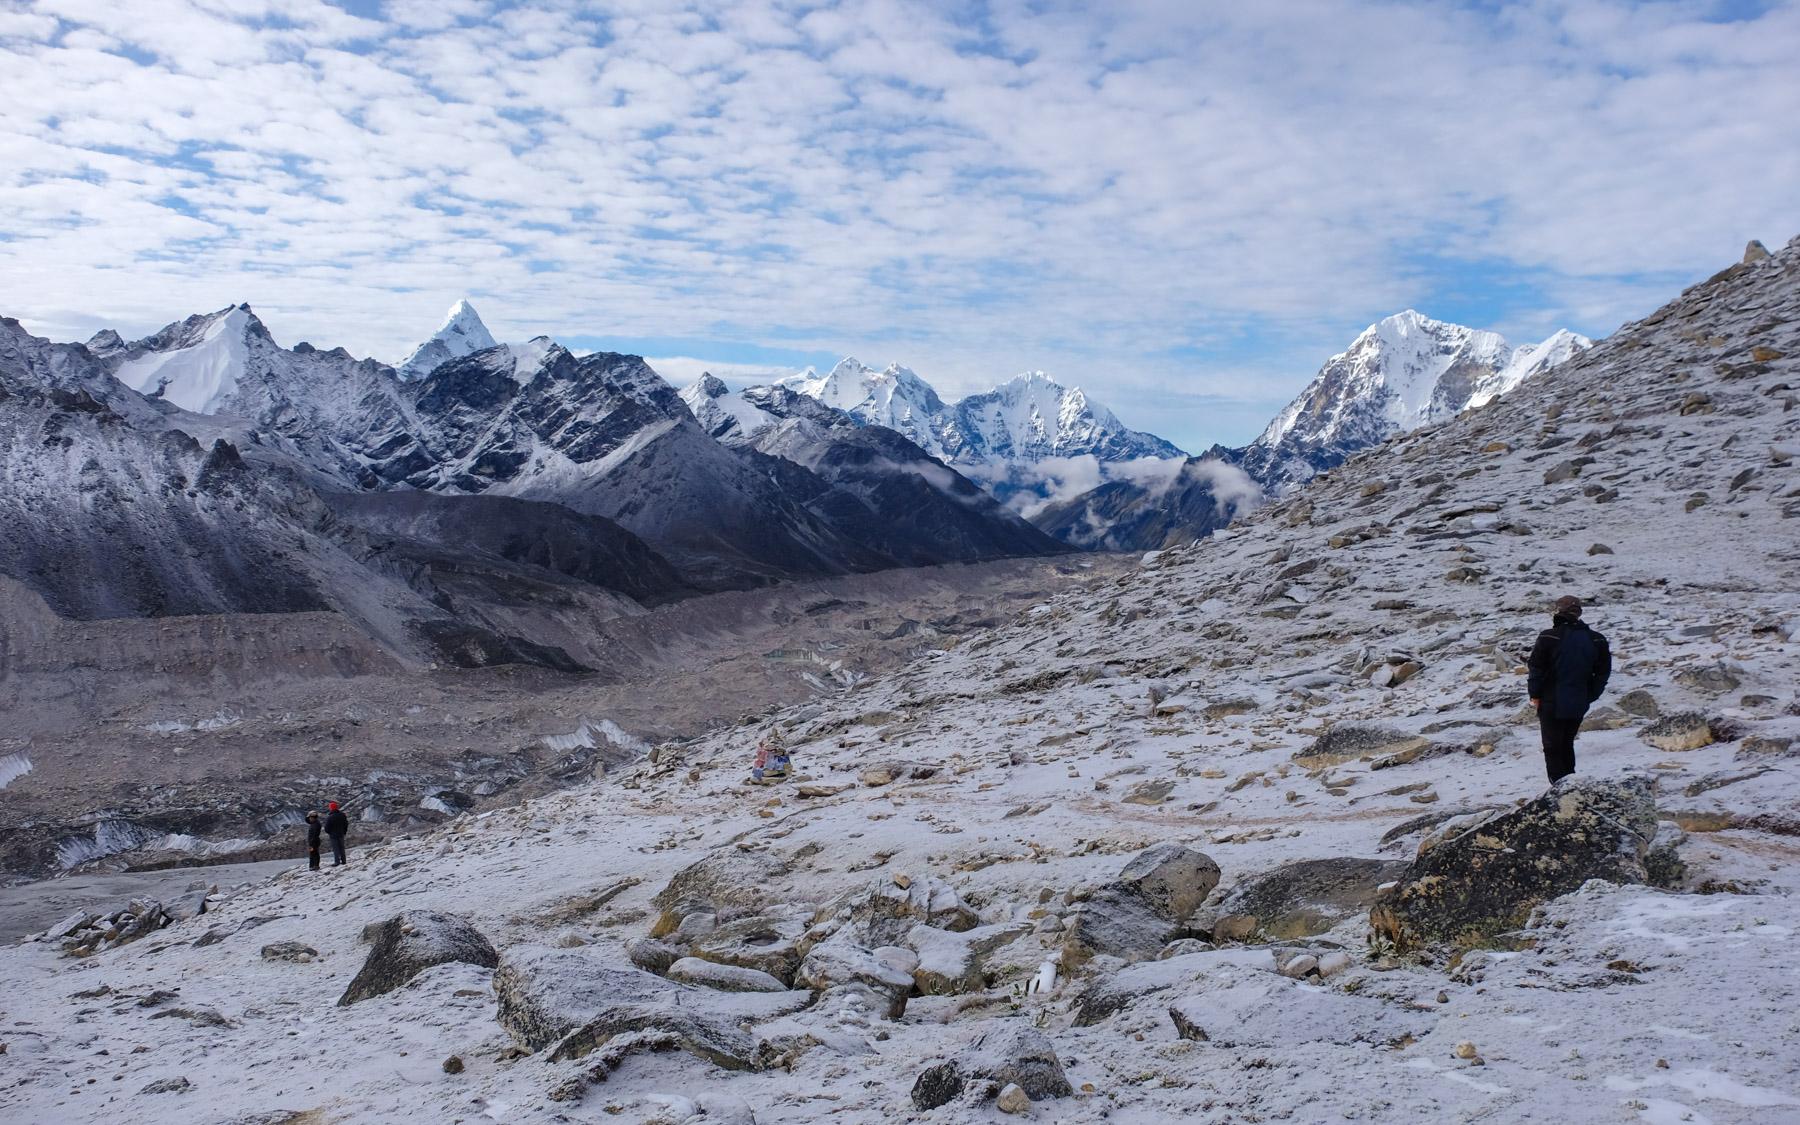 Kala Patthar & Gokyo, Everest 3 pass #3 15